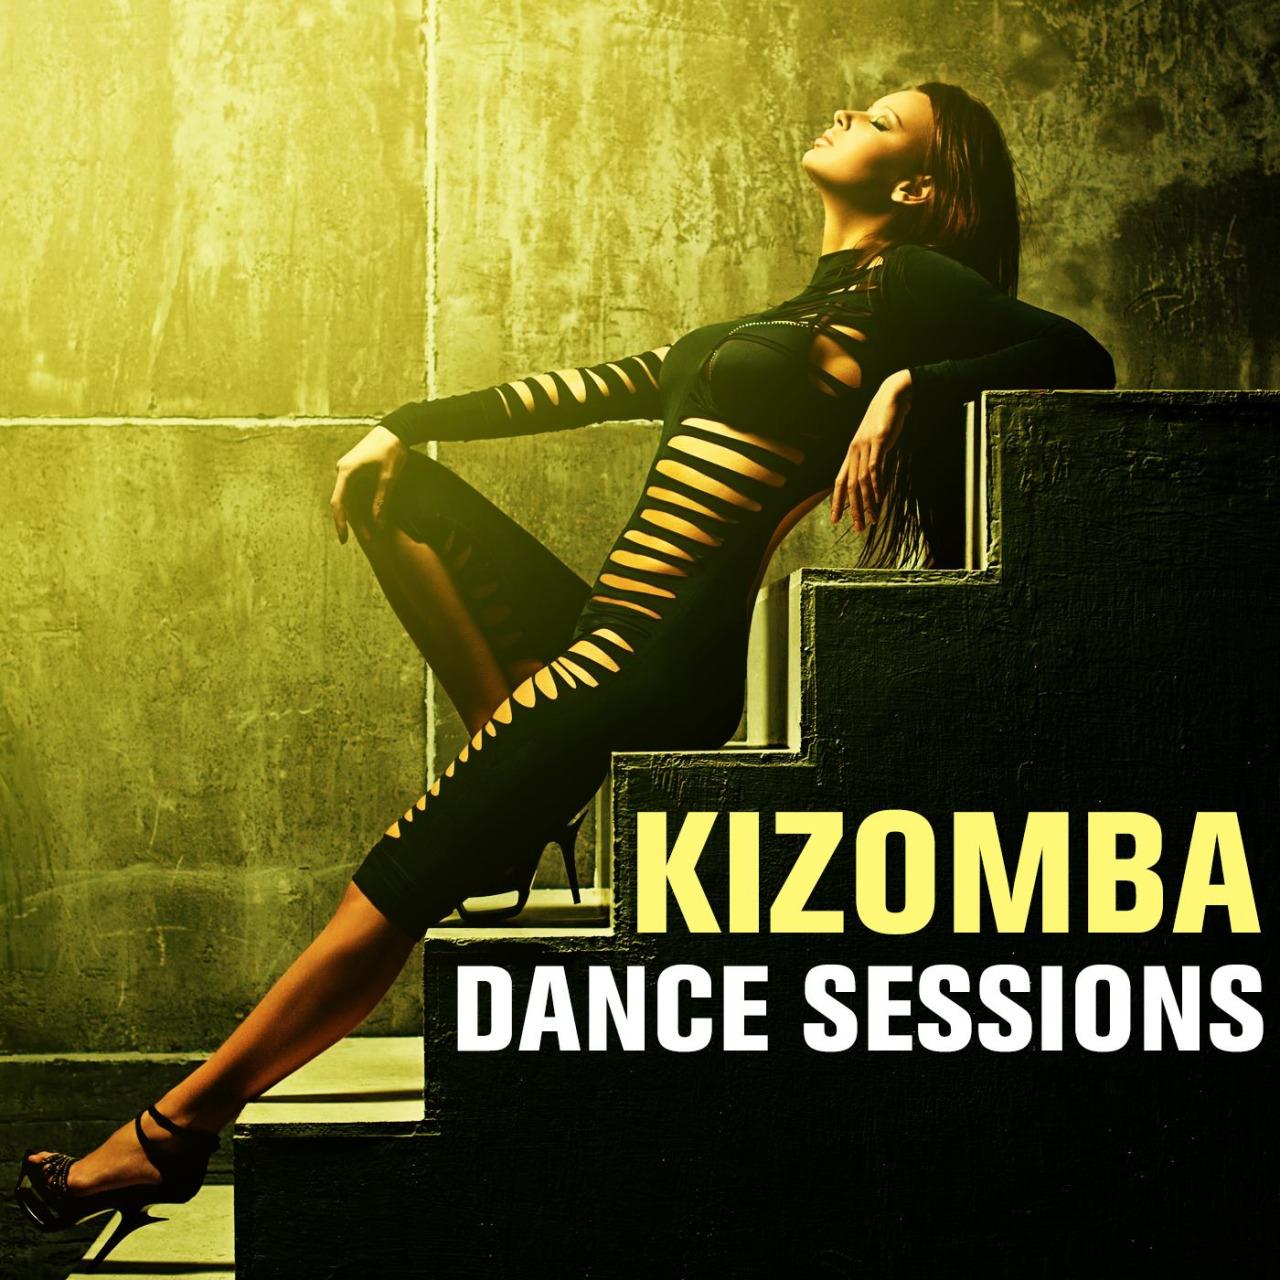 Kizombamix.com